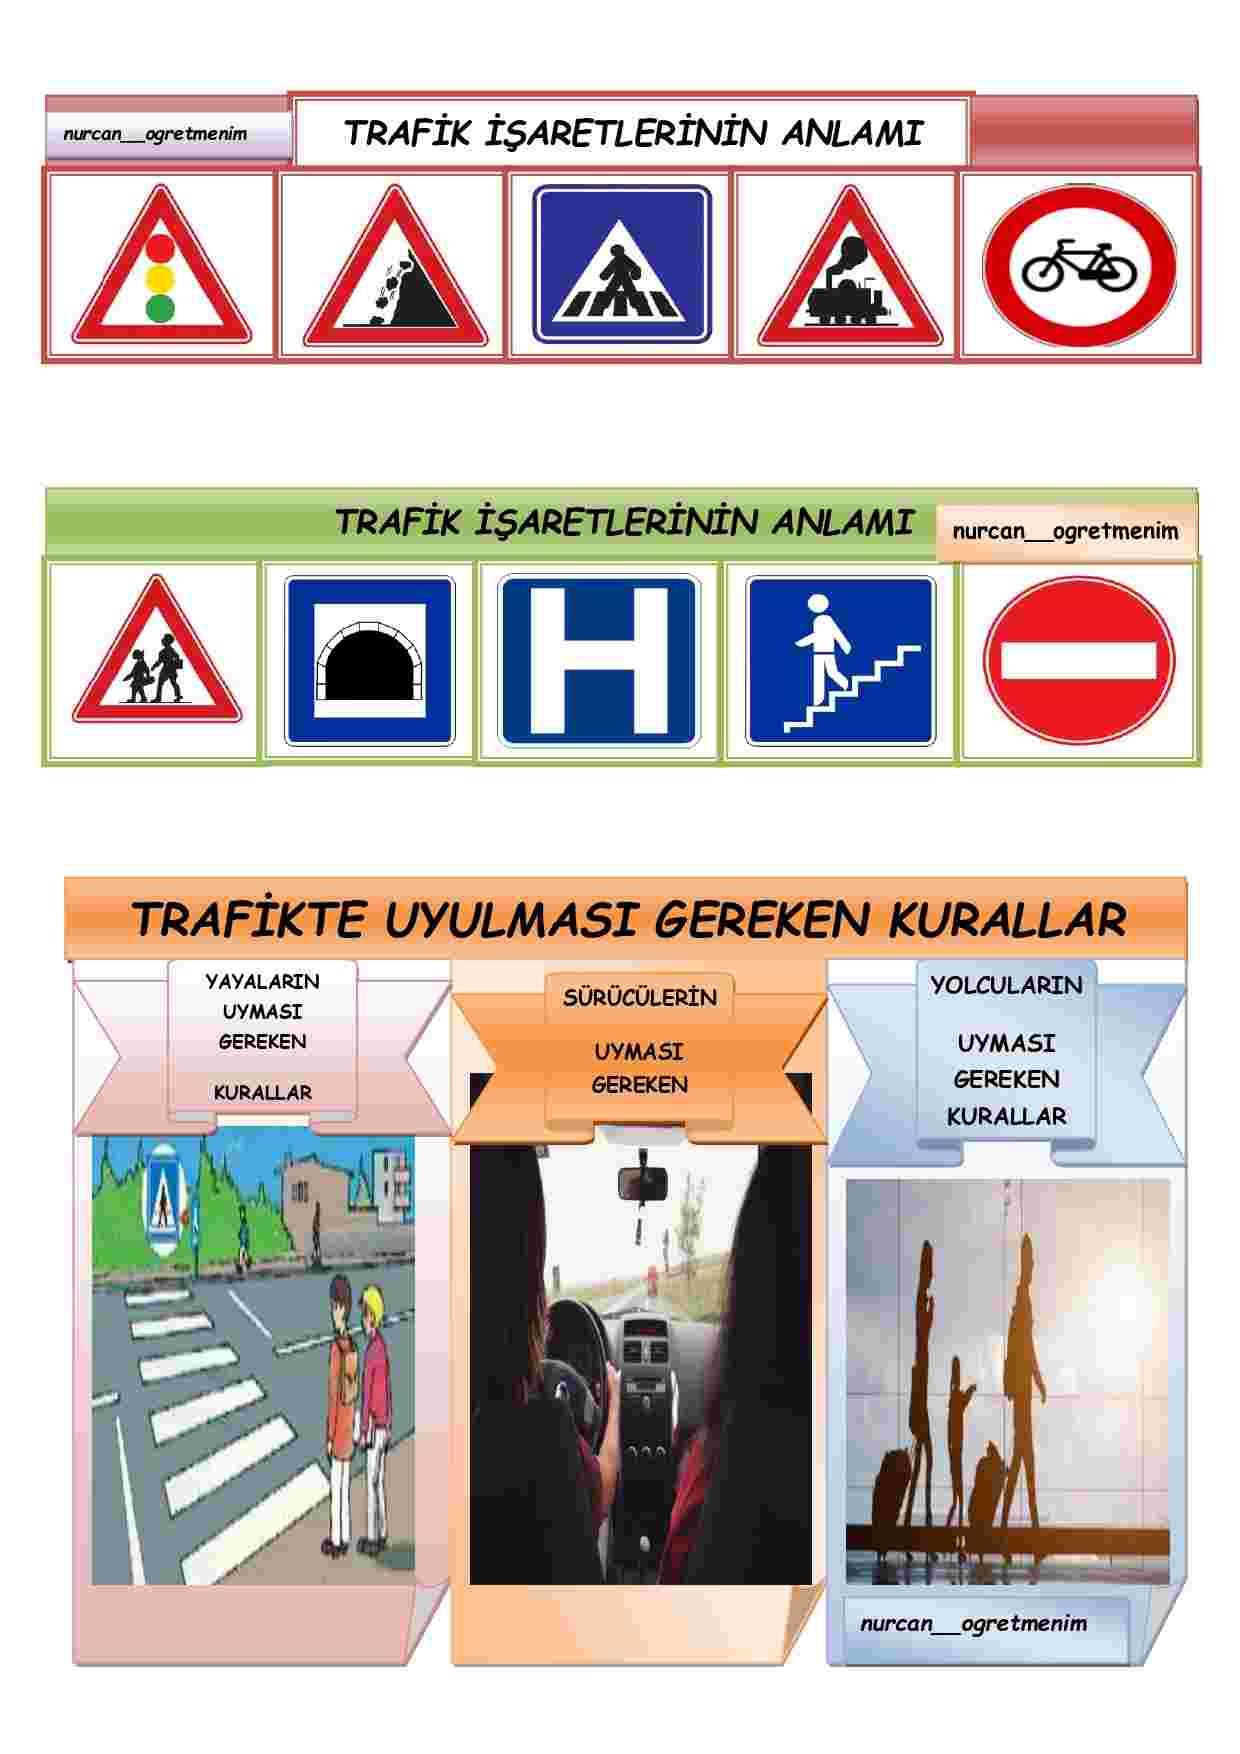 Trafik işaretlerinin anlamı ve trafikte uyulması gereken kurallar